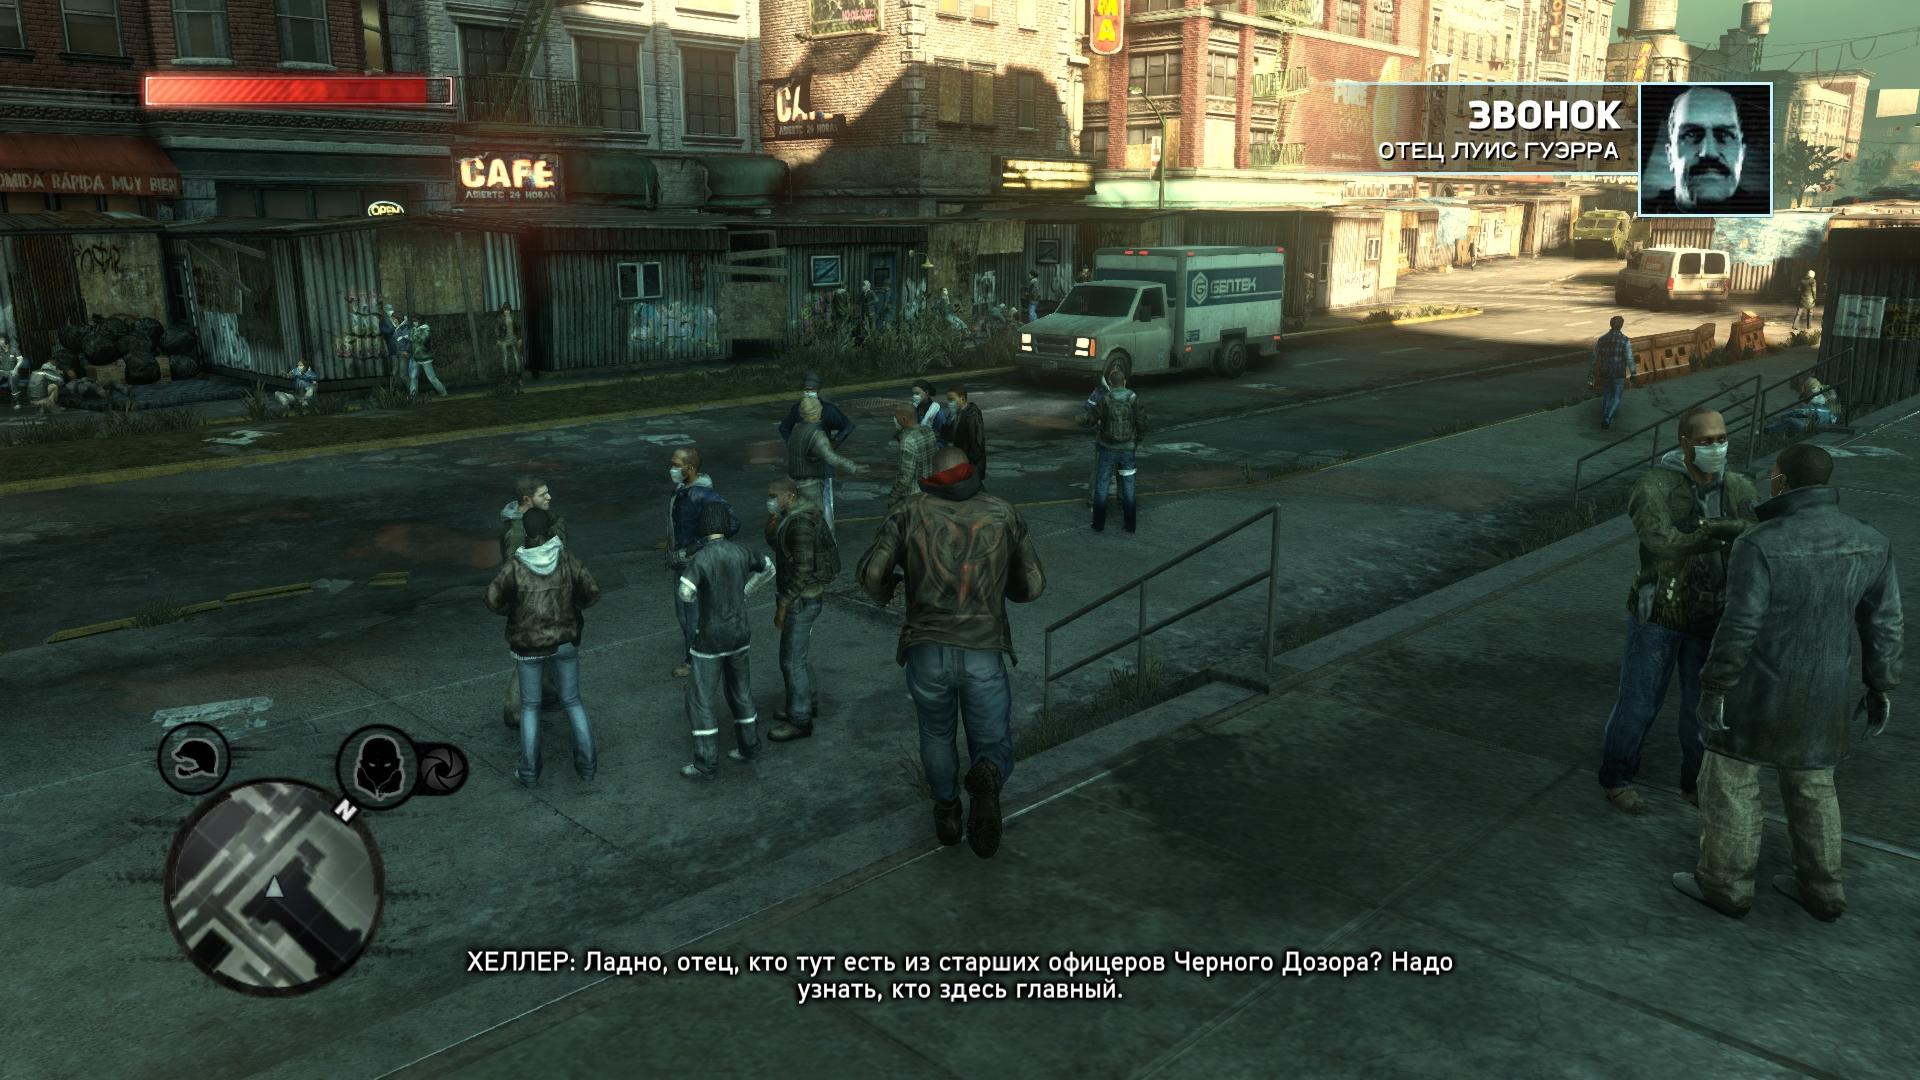 Фото kudos 2 лучше отражают атмосферу игры, нежели самые скрупулезные отзывы и обзоры